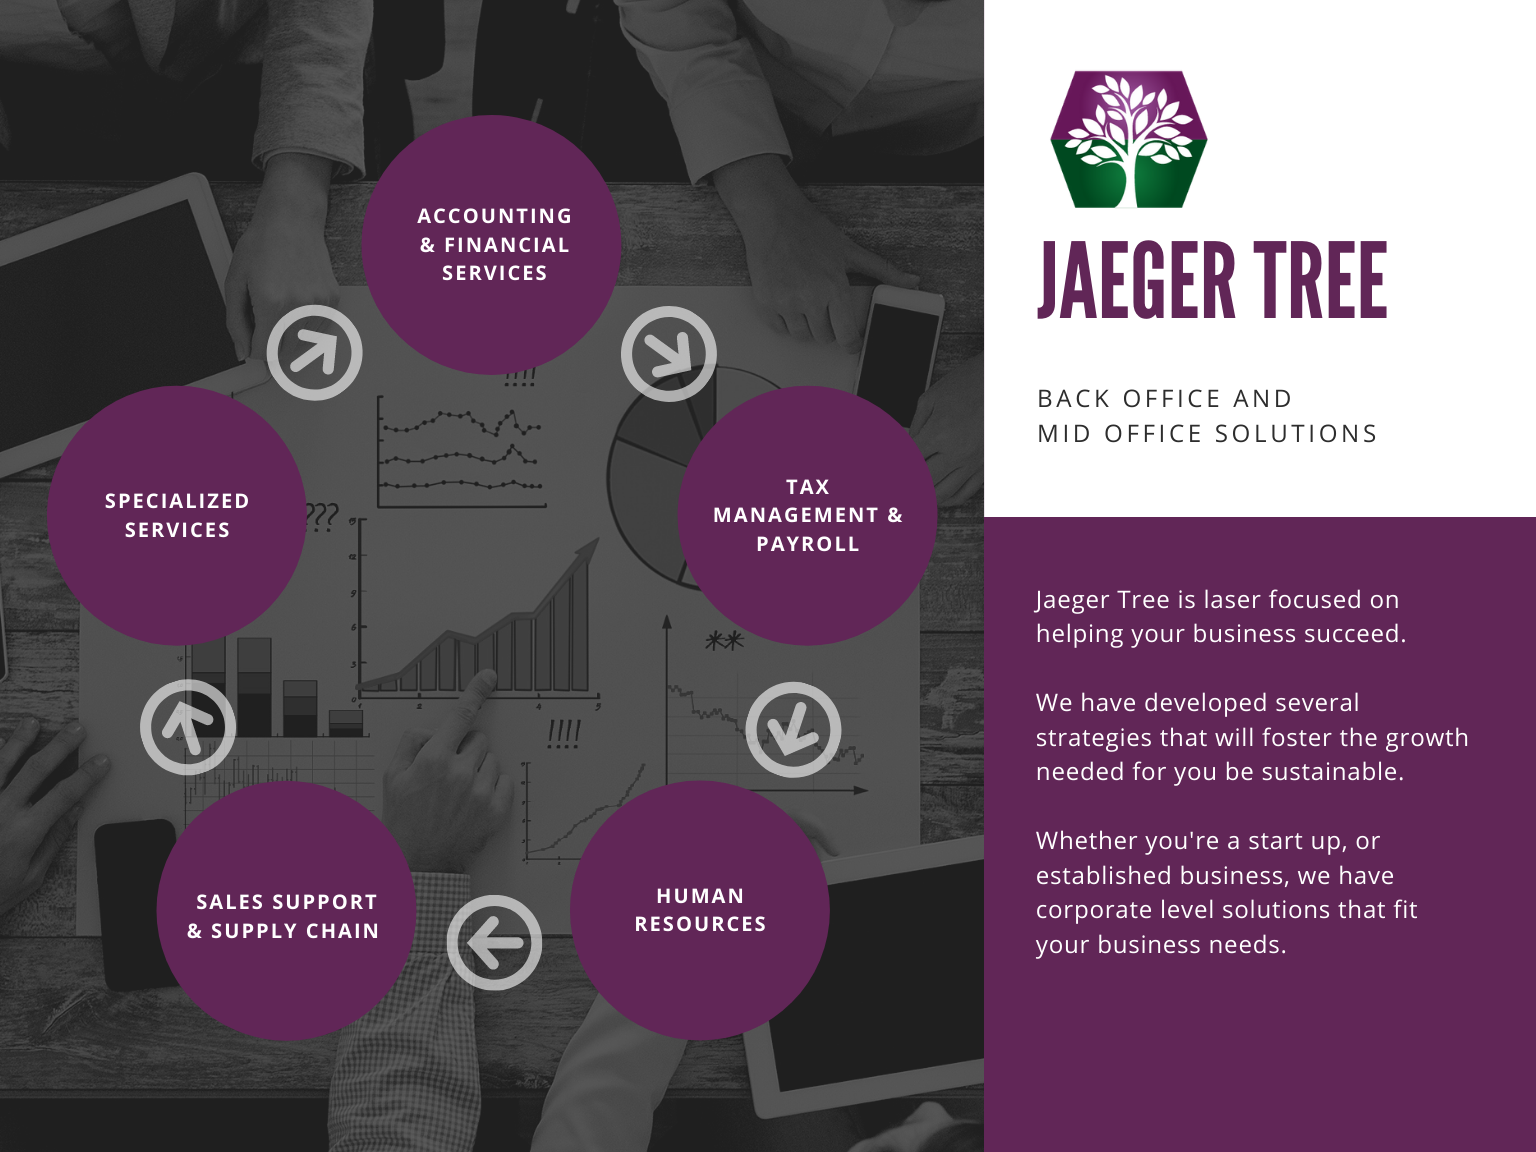 Jaeger Tree